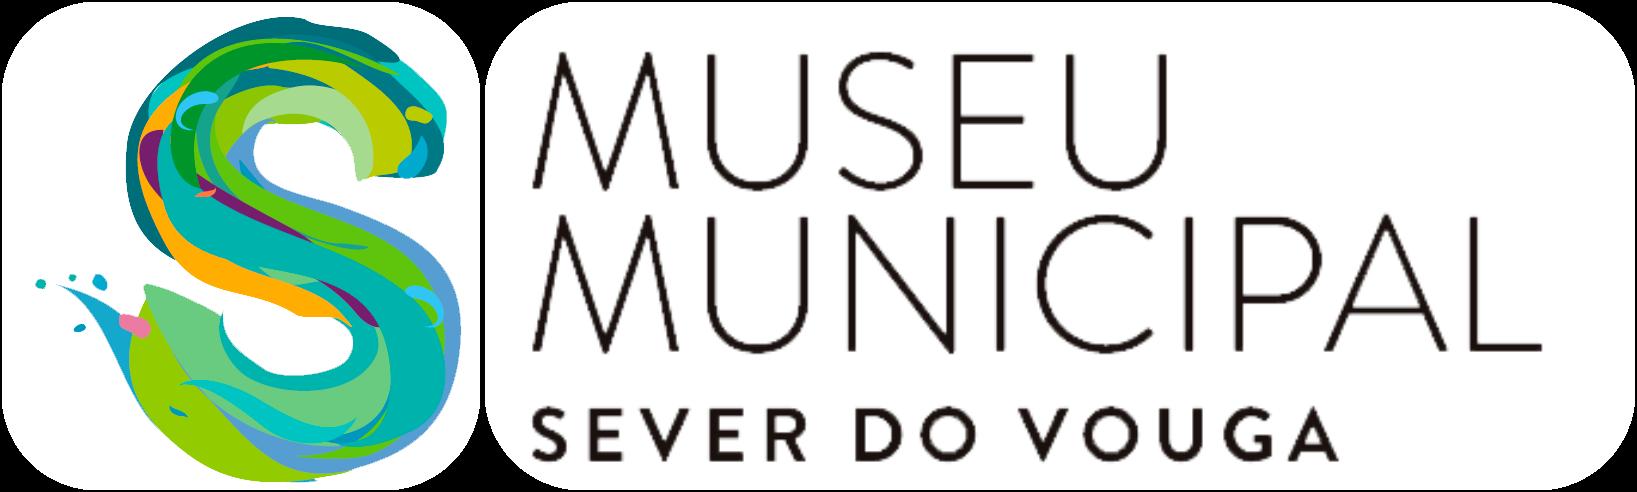 Museu Municipal de Sever do Vouga